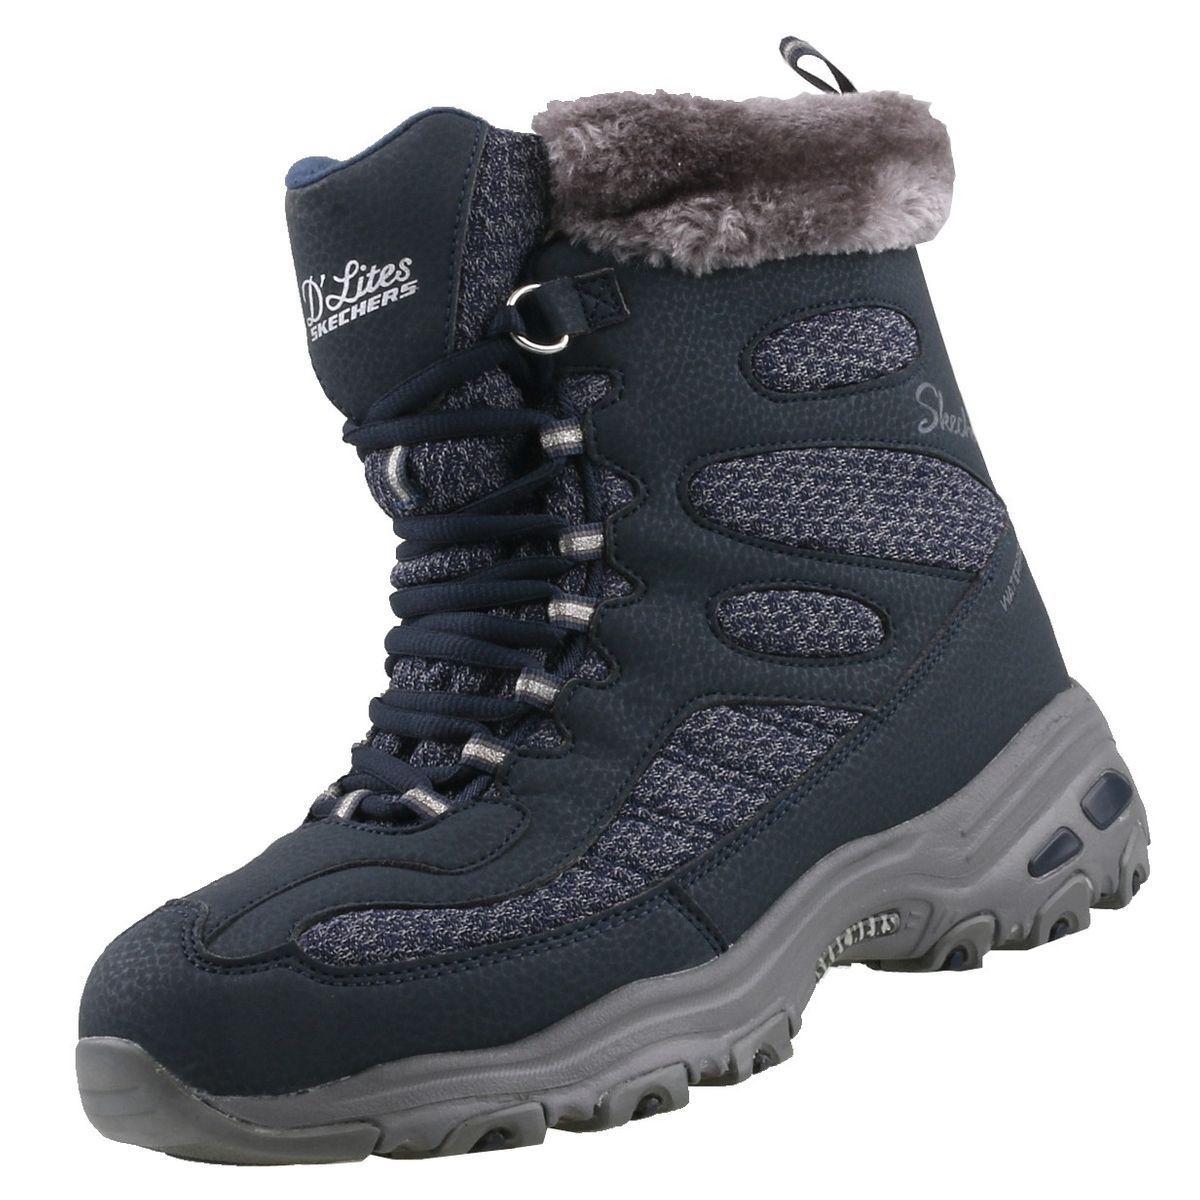 Nuevo Skechers Zapatos Mujer D' Lites Bomb Cyclone Cyclone Bomb botas Zapatos de Invierno 59466c